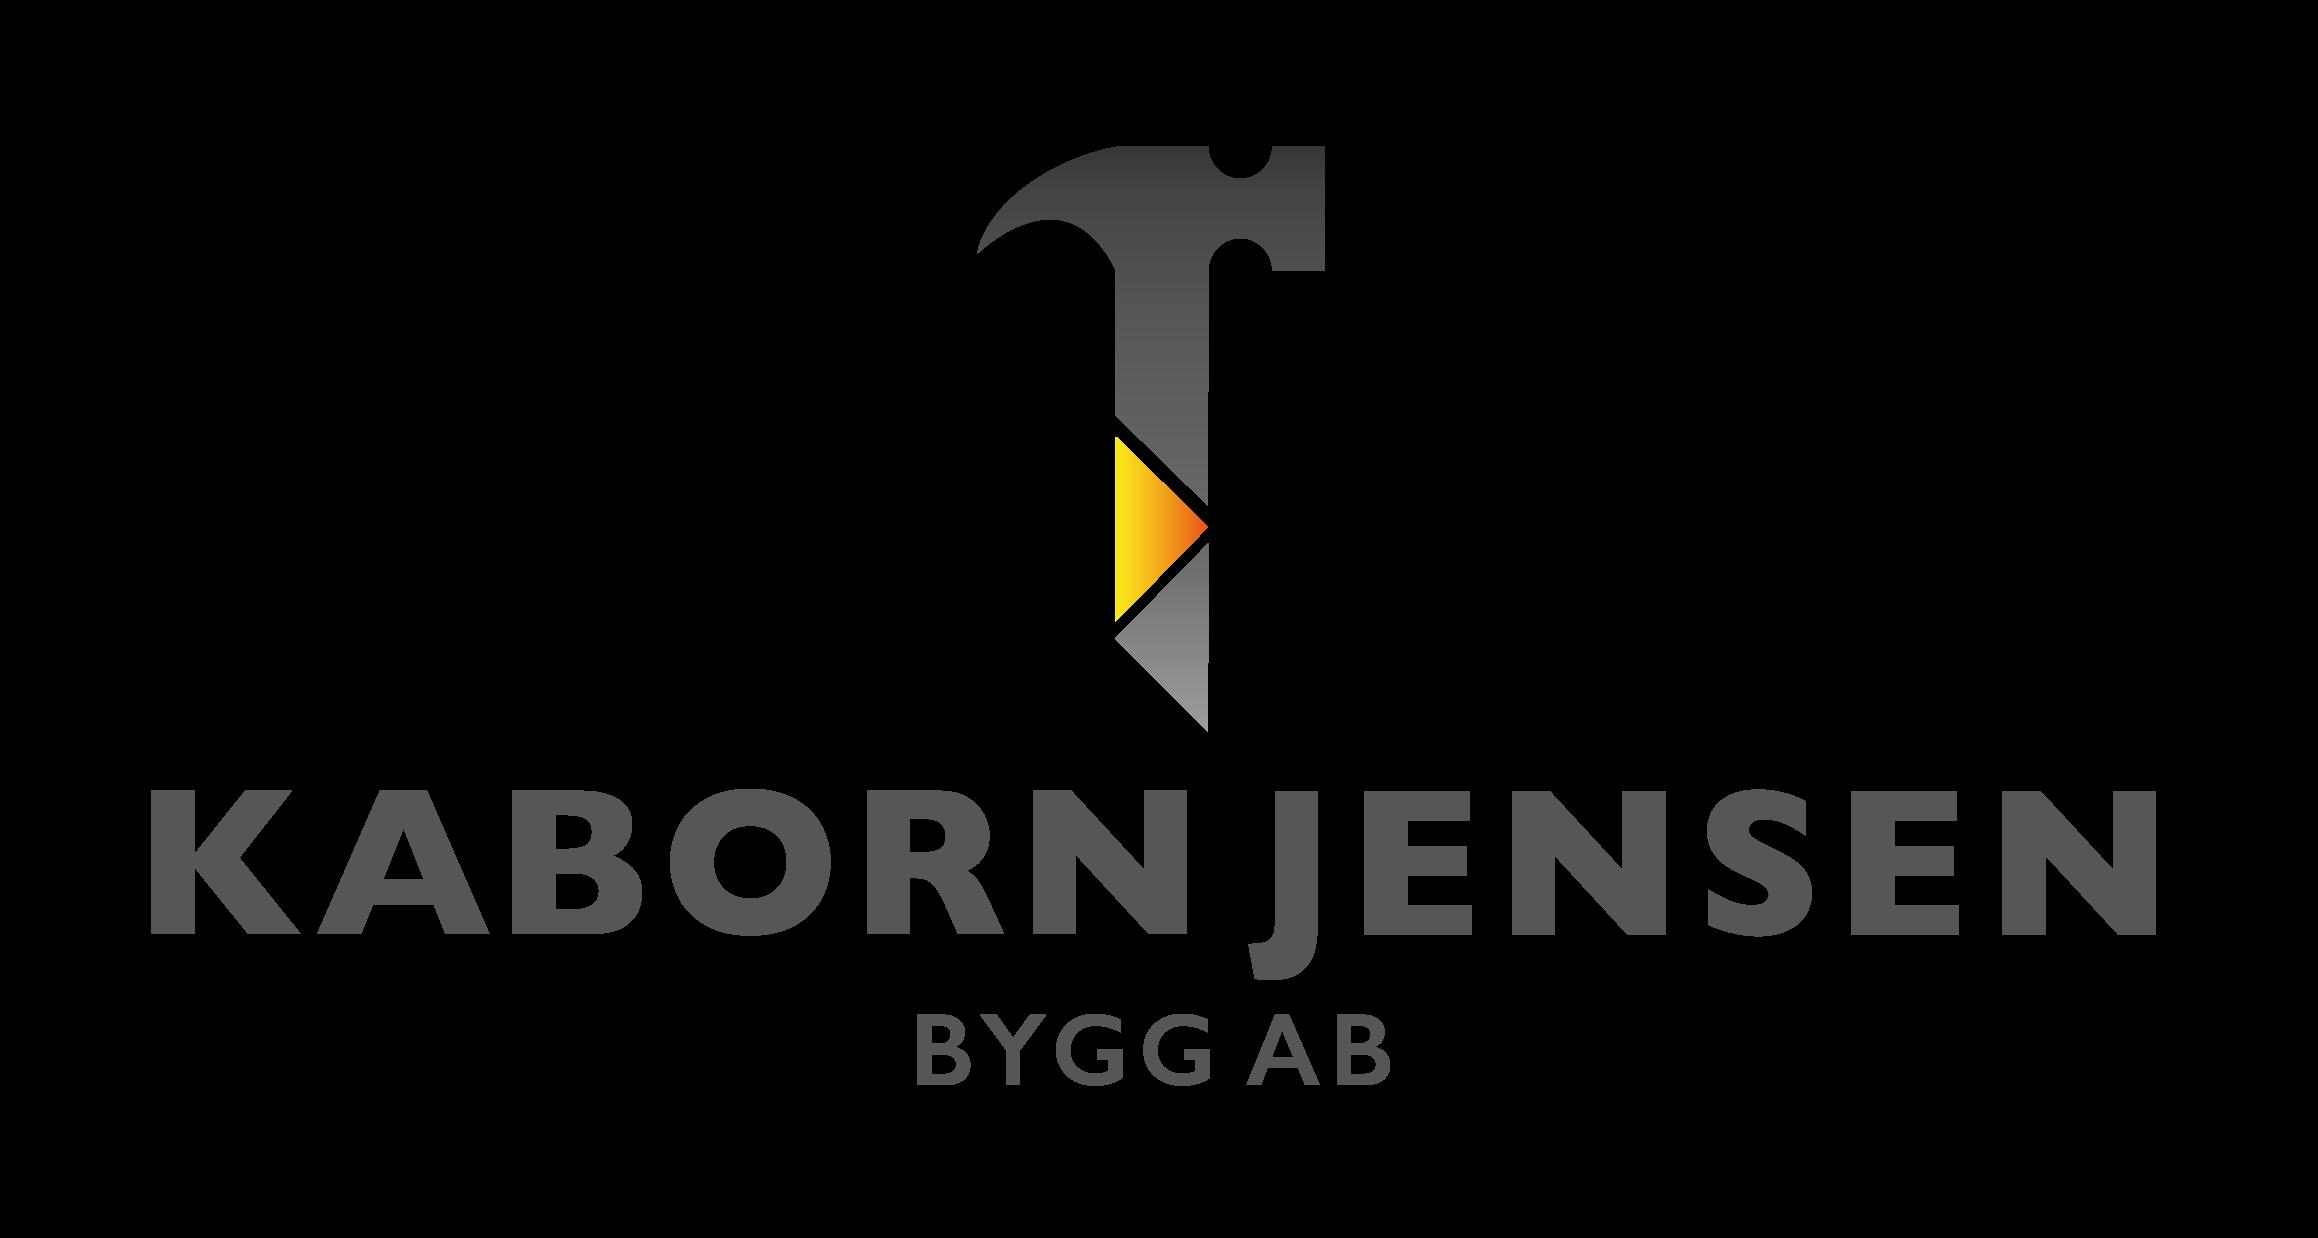 Kaborn Jensen